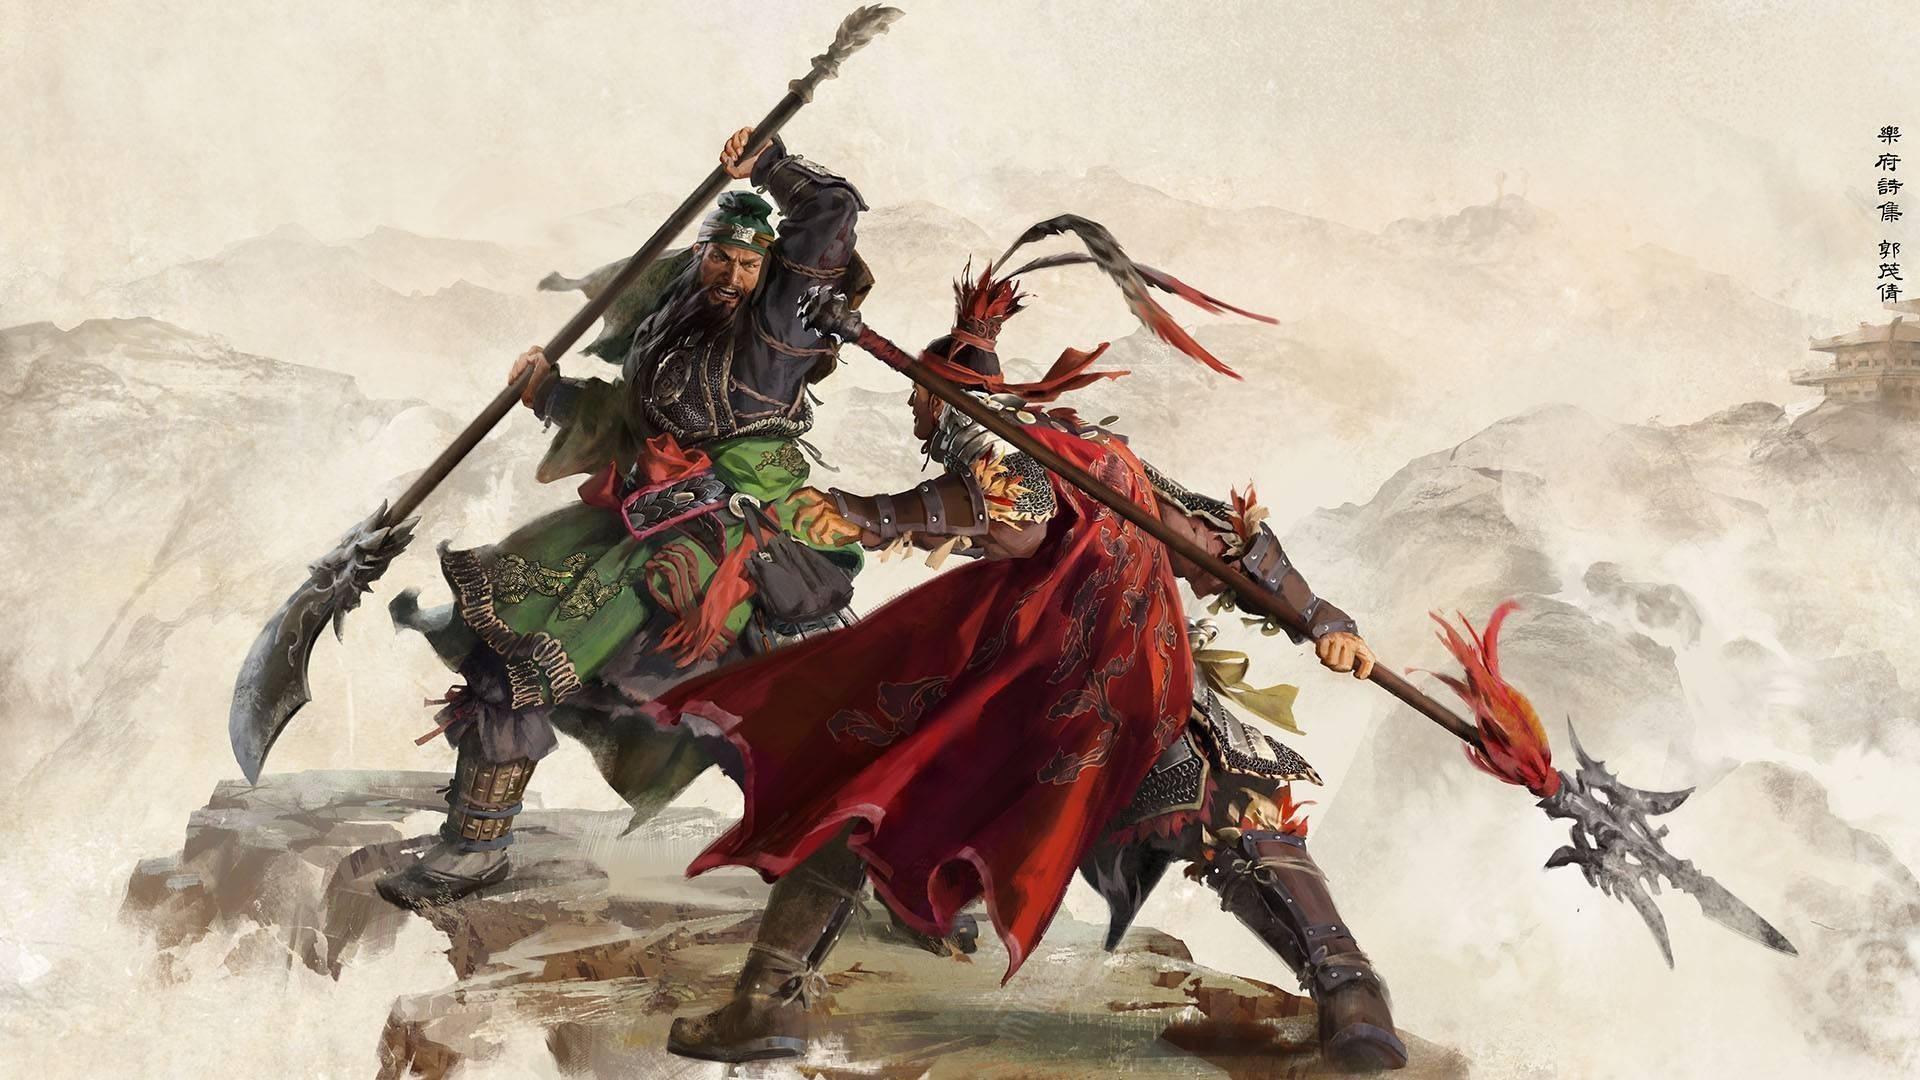 Examen de Total War: Three Kingdoms - l'amour est un champ de bataille  Examen de Total War: Three Kingdoms – l'amour est un champ de bataille total war three kingdoms